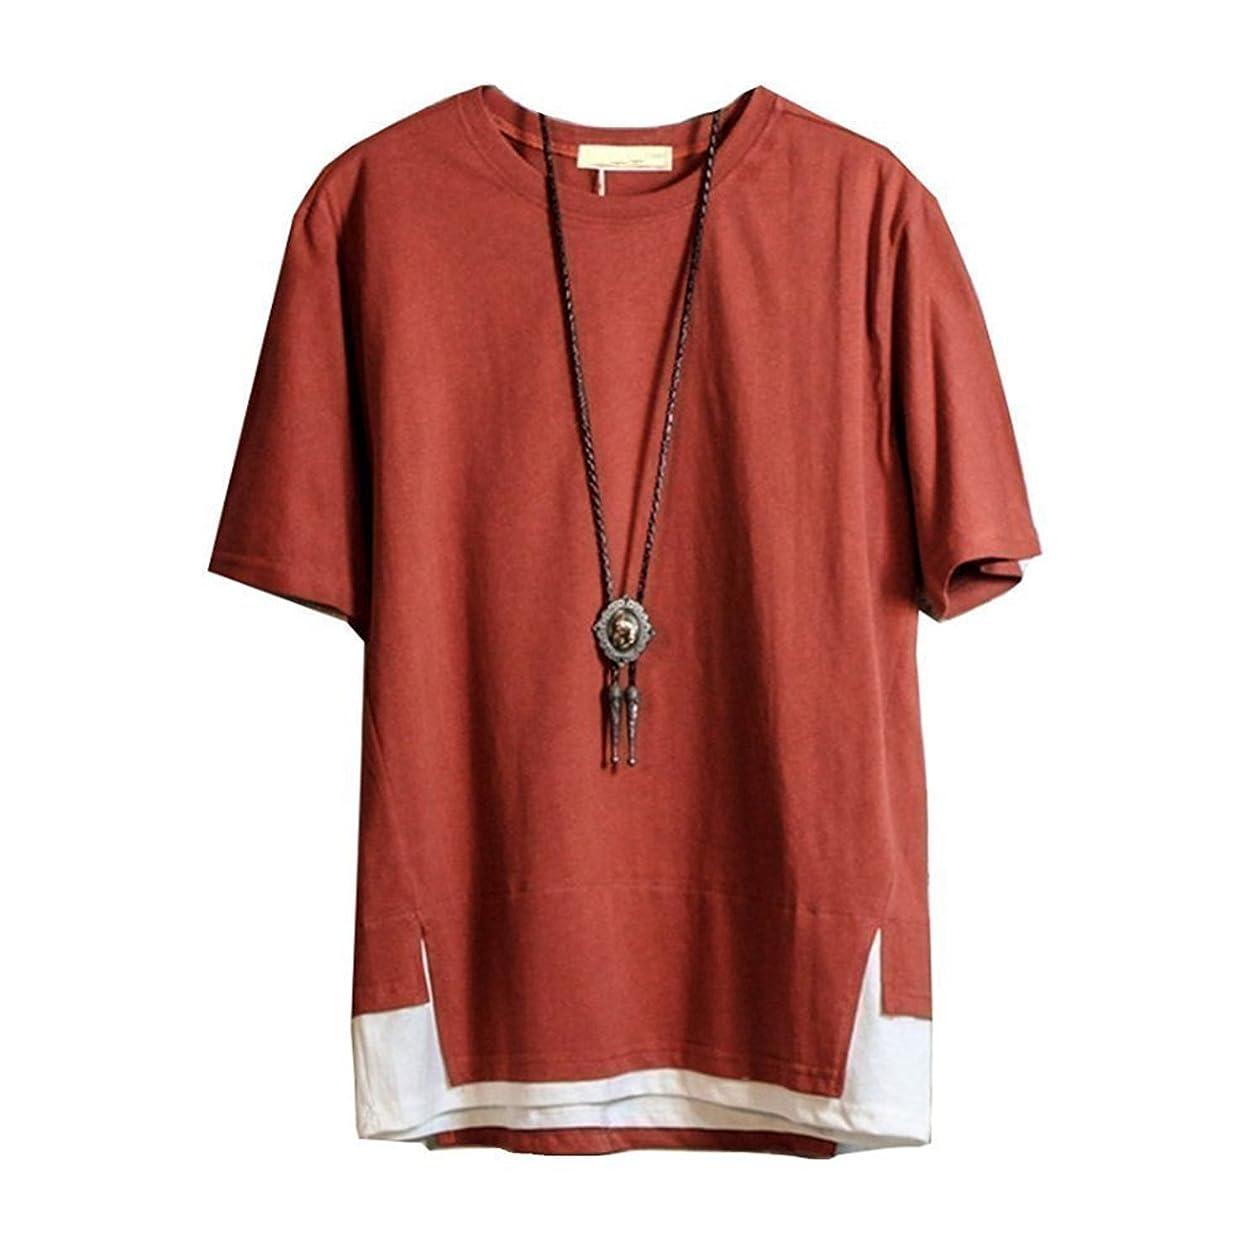 キャンドル支援する受取人Hisitosa Tシャツ 半袖 メンズ カットソー 無地 ネックレス付き 薄手 涼しいゆったり かっこいい カジュアル ファション